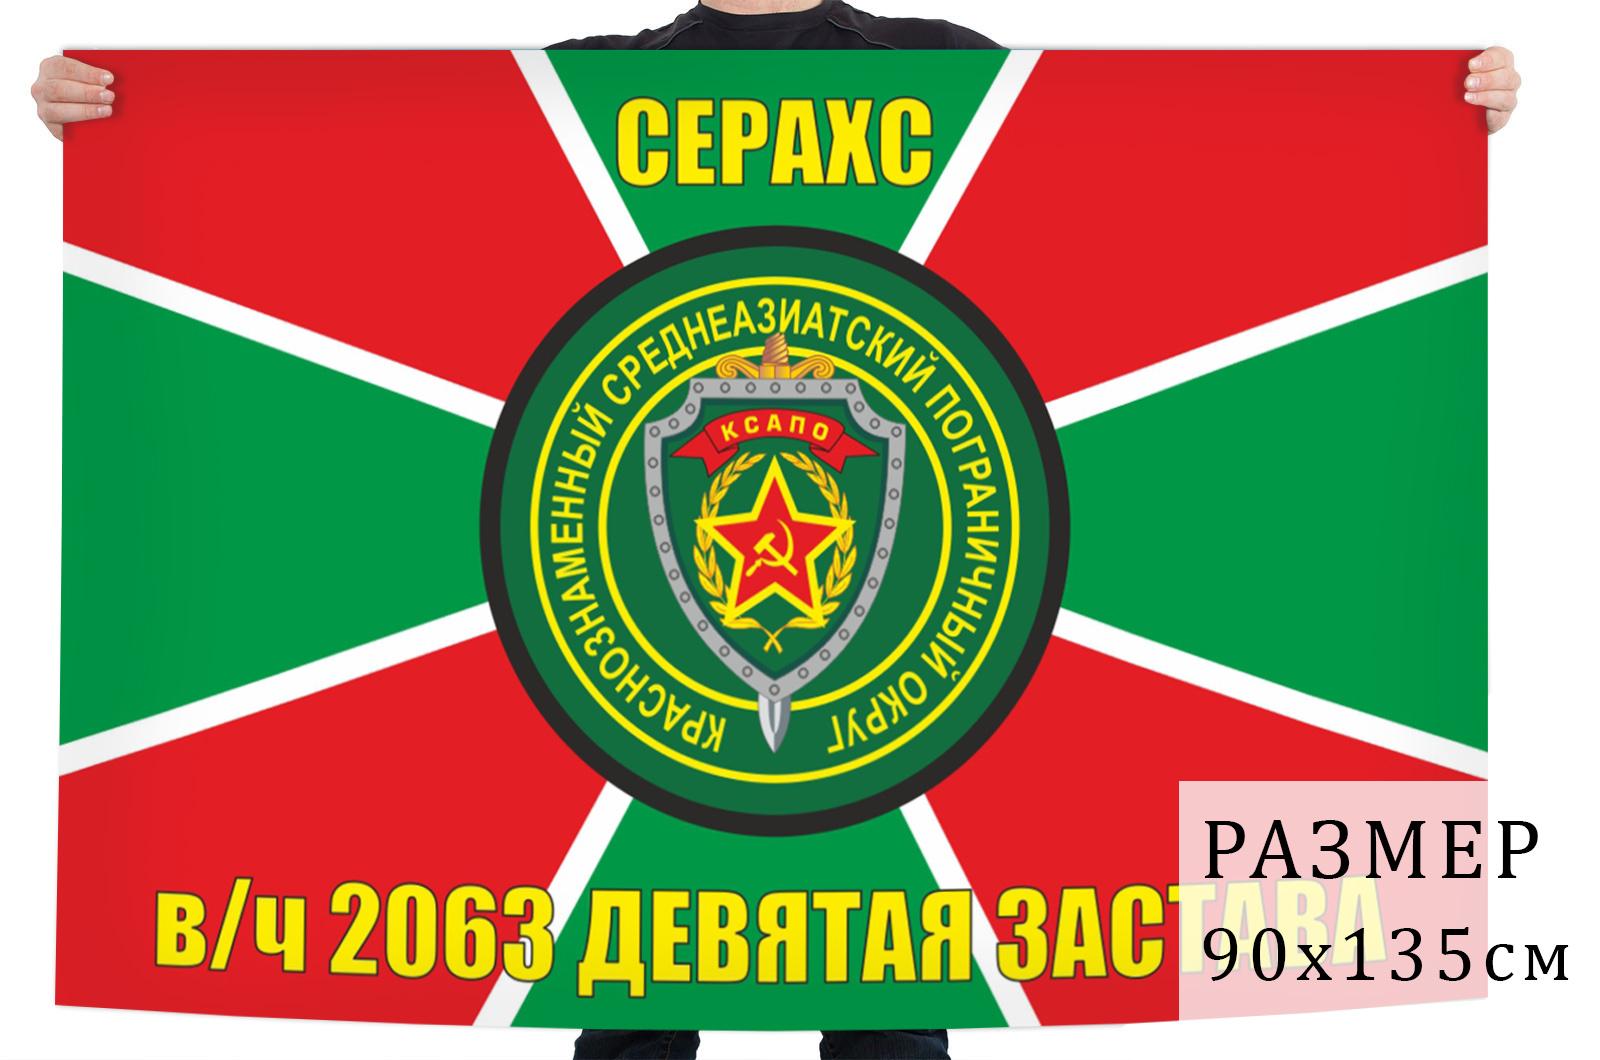 Заказать в интернете флаг 9-ой заставы Серахс, КСАПО